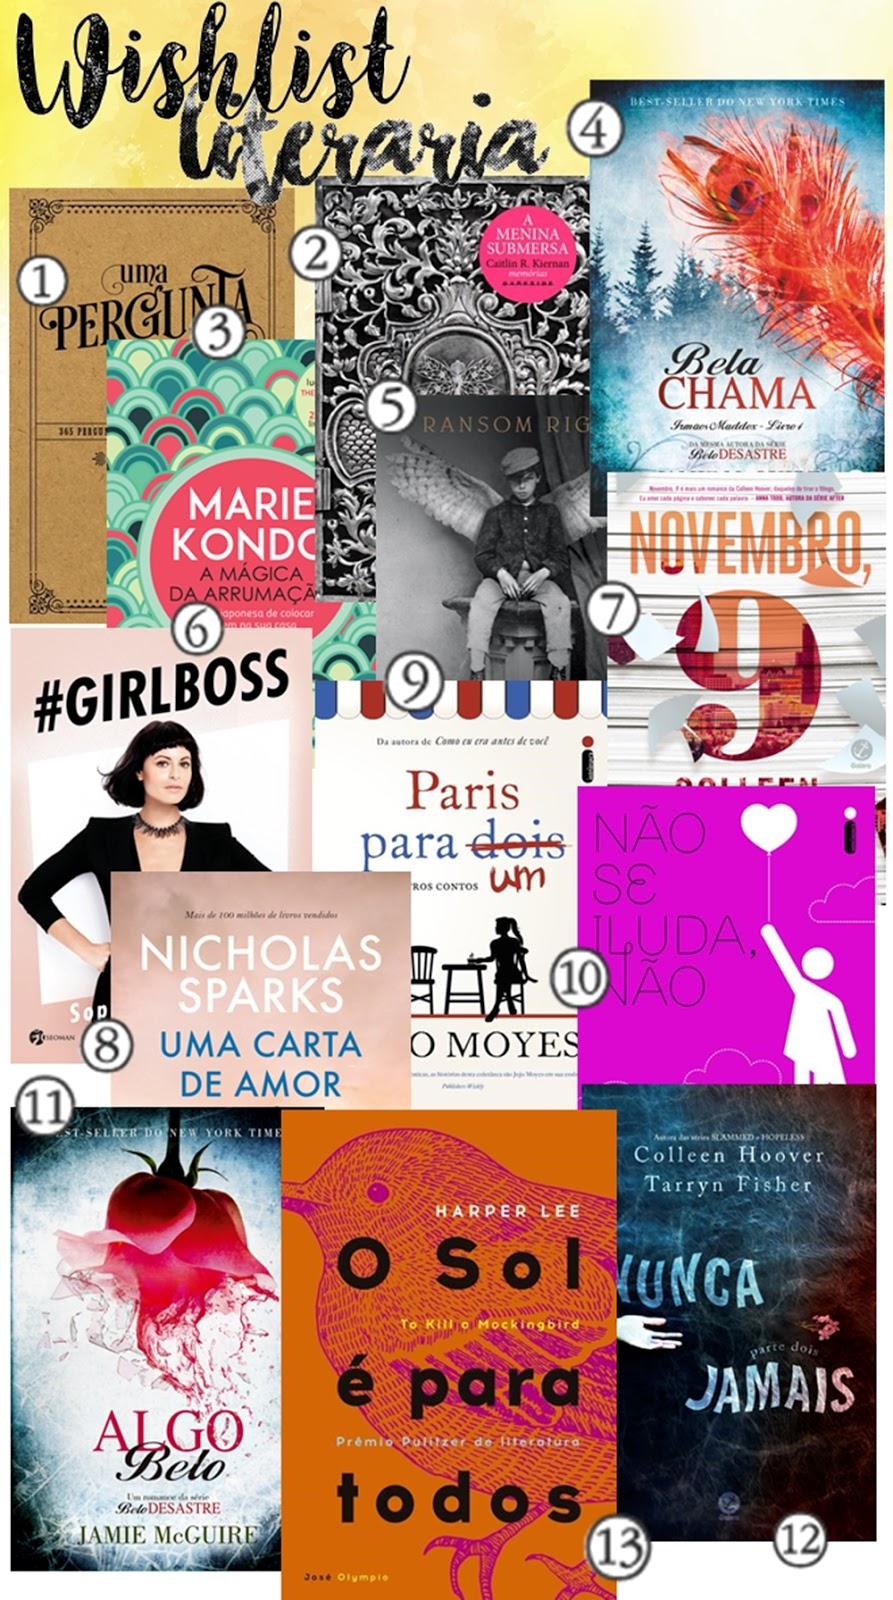 WISHLIST LITERÁRIA | SERÁ QUE ESSE ANO TEM LIVRO NOVO?! | BLOG CONFIDENT